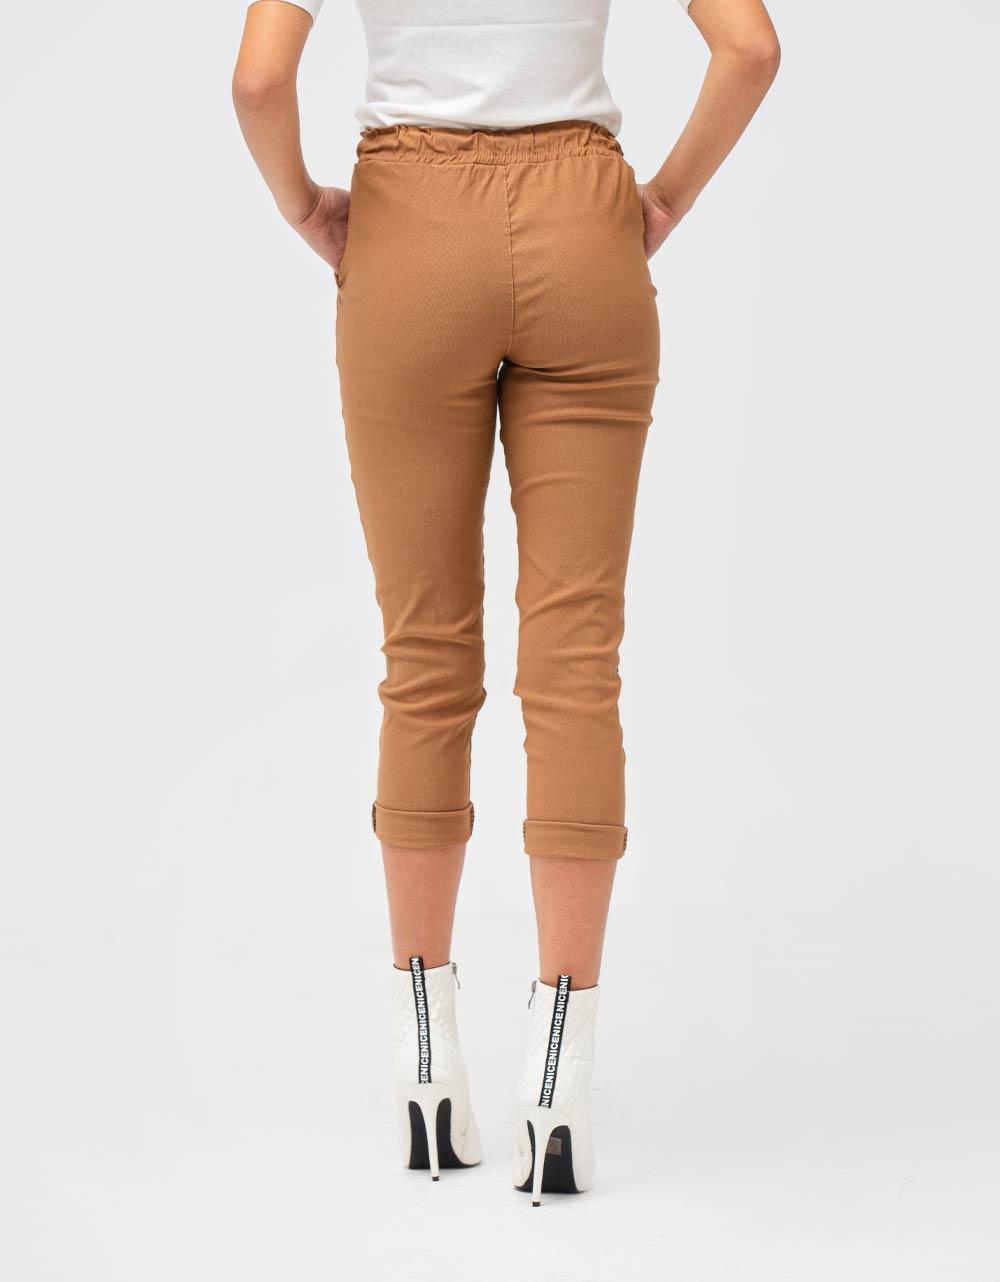 Εικόνα από Γυναικείο παντελόνι με λάστιχο και κορδόνι στη μέση Πούρο